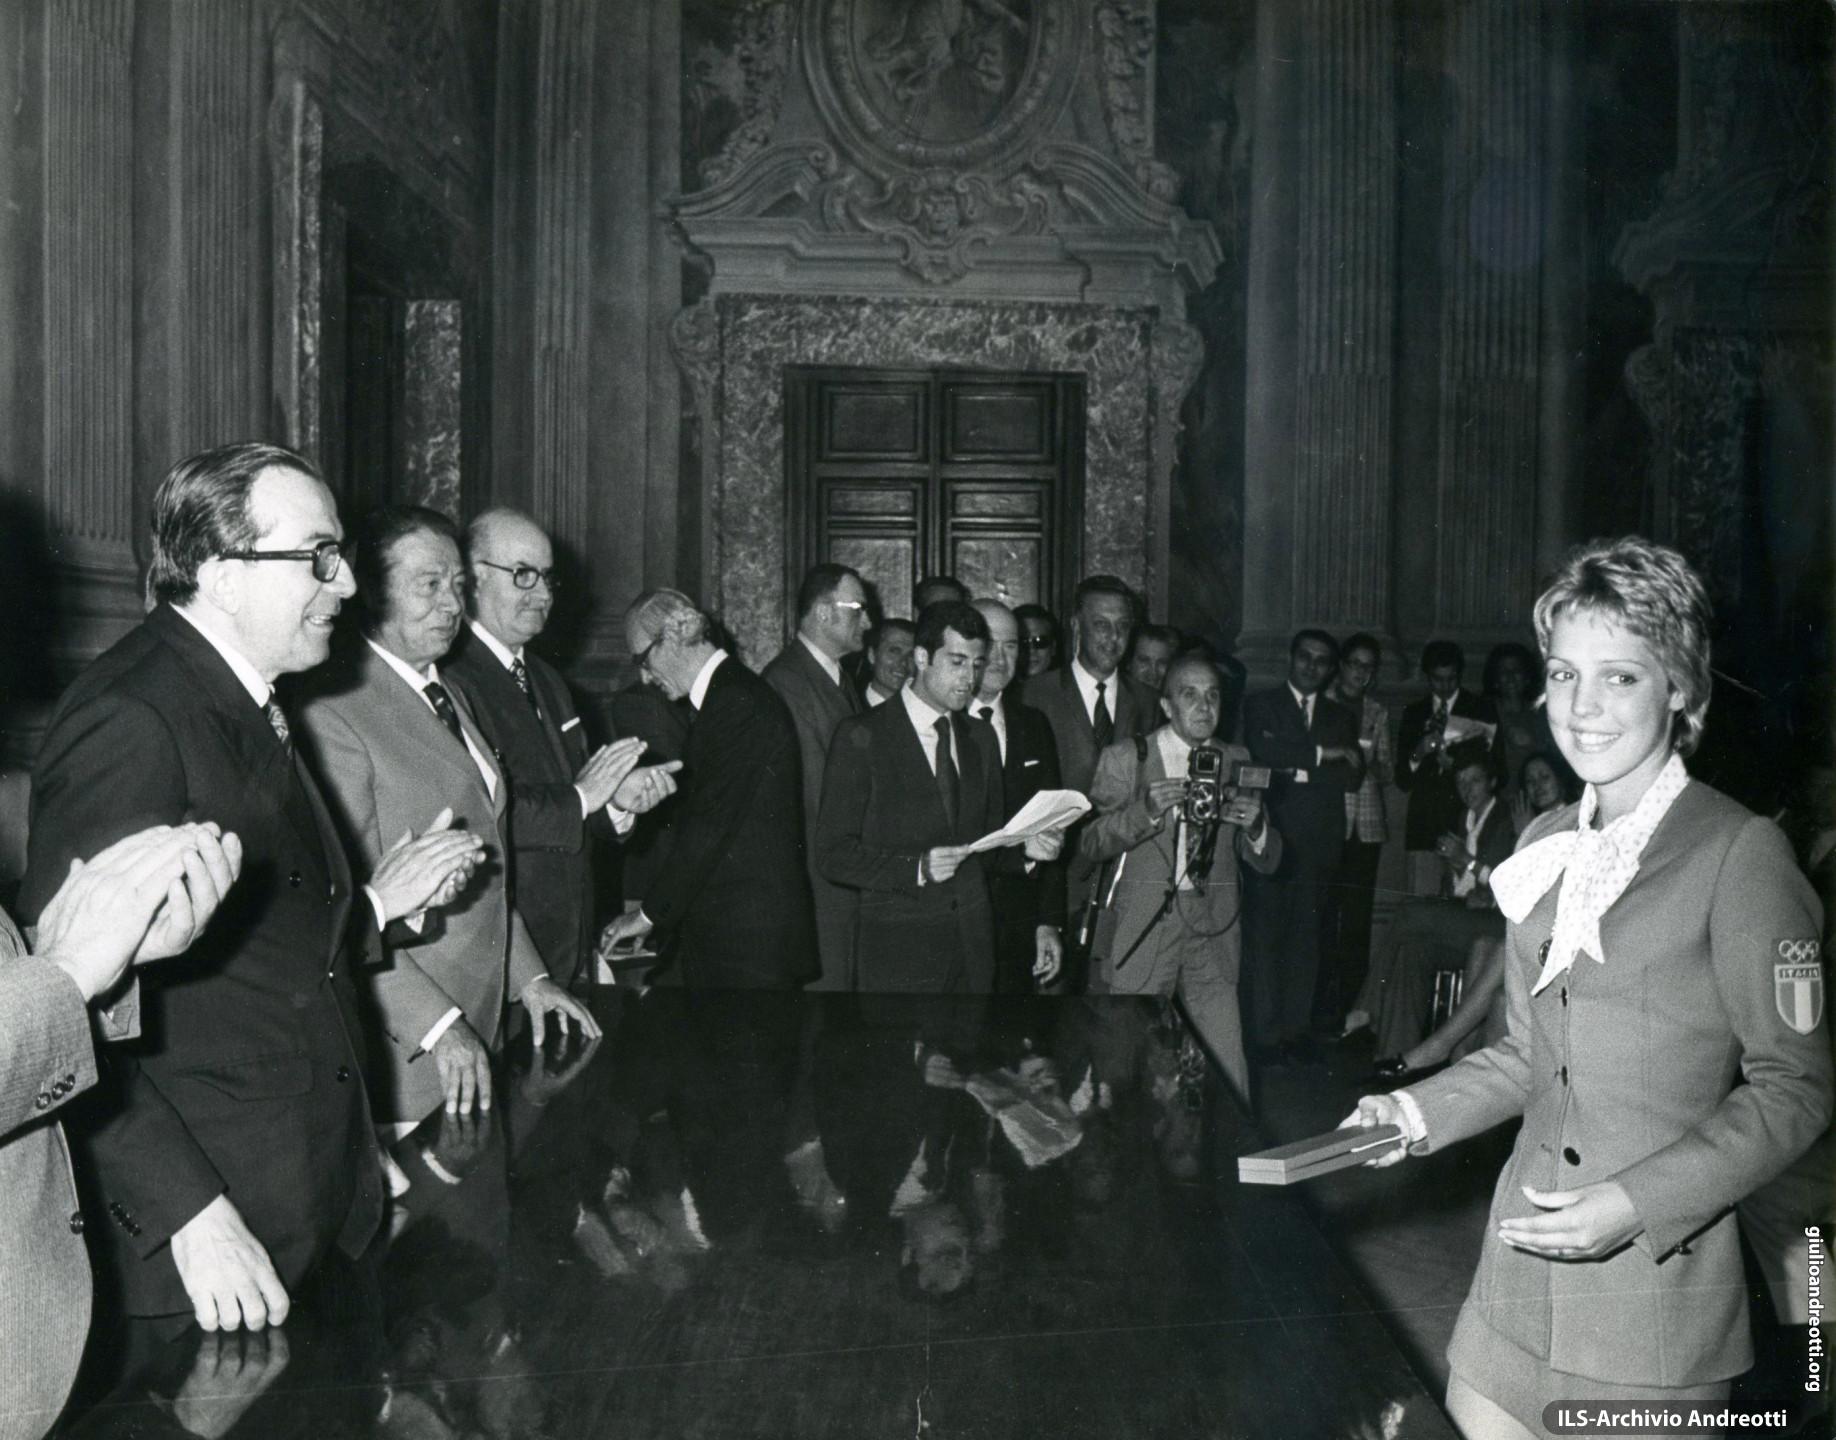 27 settembre 1972. Premiazione a Palazzo Chigi degli atleti italiani vincitori di medaglie alle Olimpiadi di Monaco. Andreotti è con la nuotatrice Novella Caligaris.